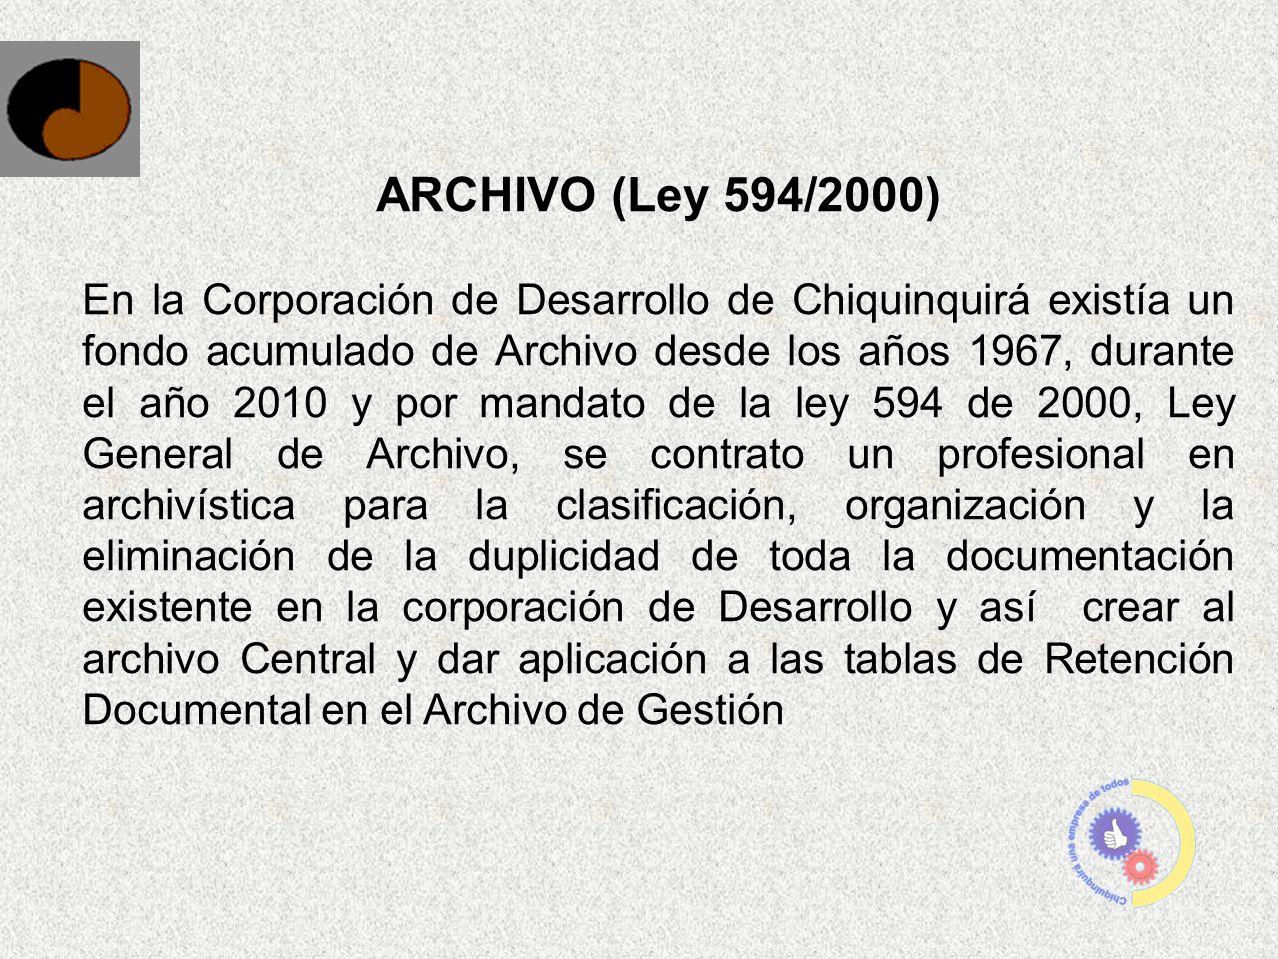 ARCHIVO (Ley 594/2000) En la Corporación de Desarrollo de Chiquinquirá existía un fondo acumulado de Archivo desde los años 1967, durante el año 2010